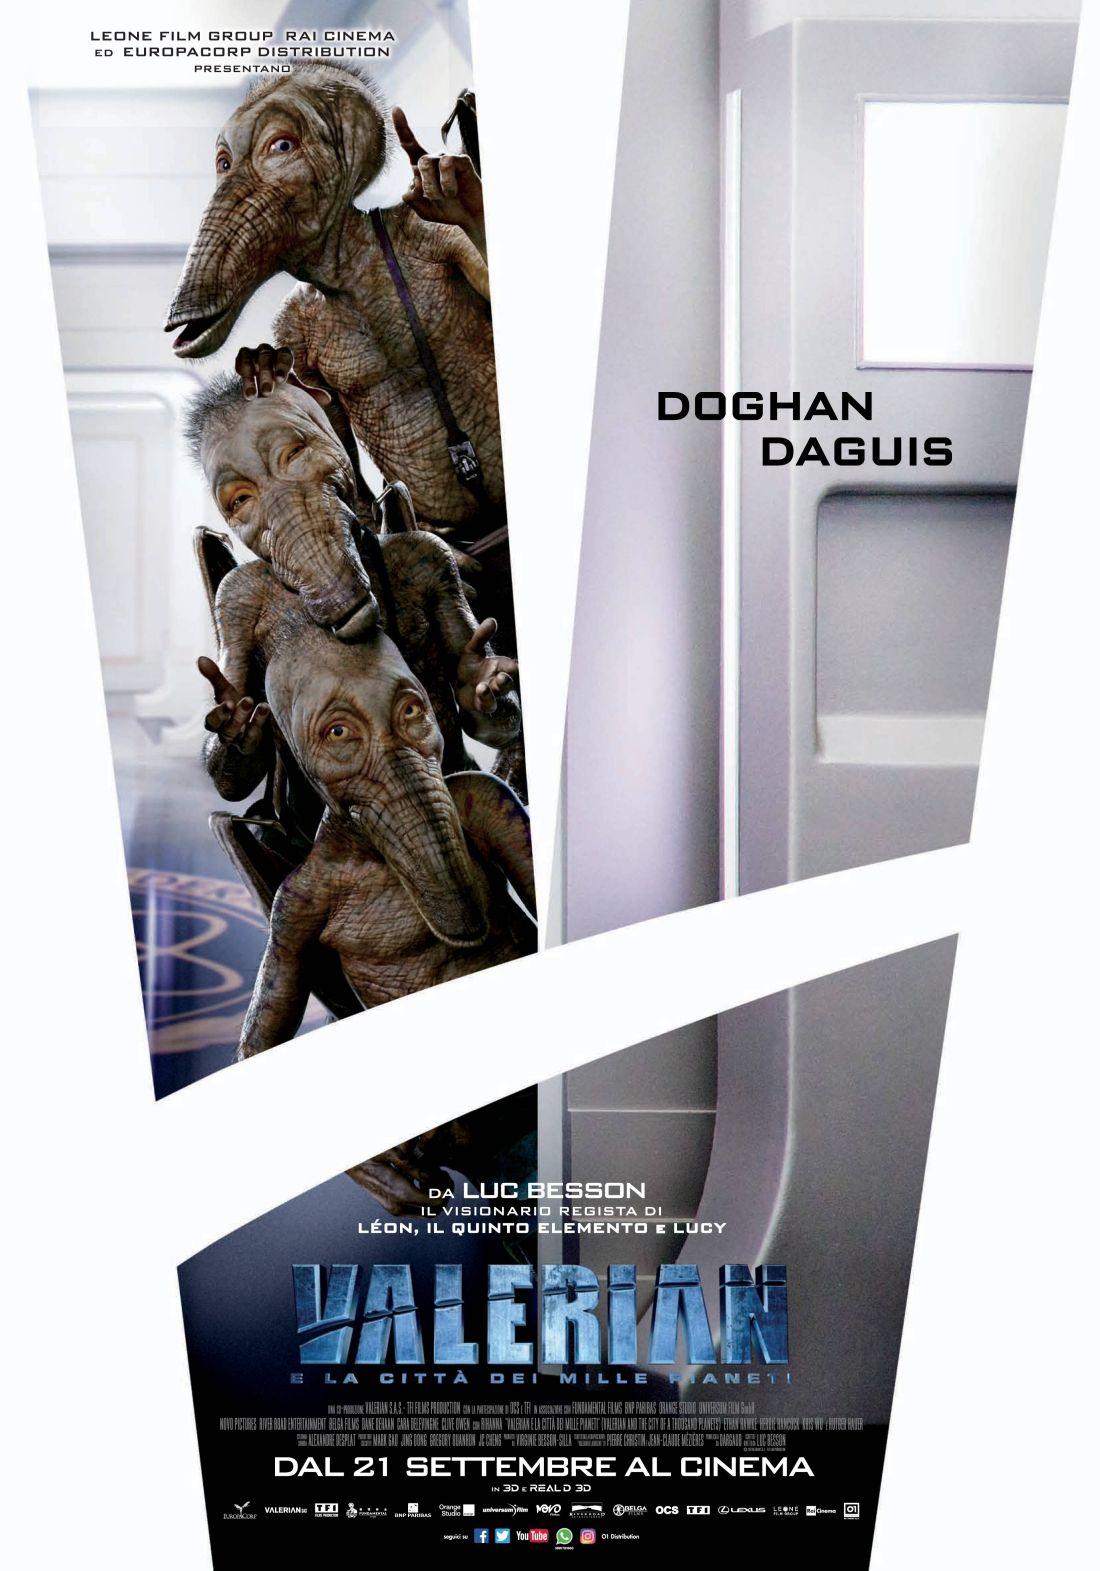 Valerian e la città dei mille pianeti: un character poster speciale del nuovo film di Luc Besson